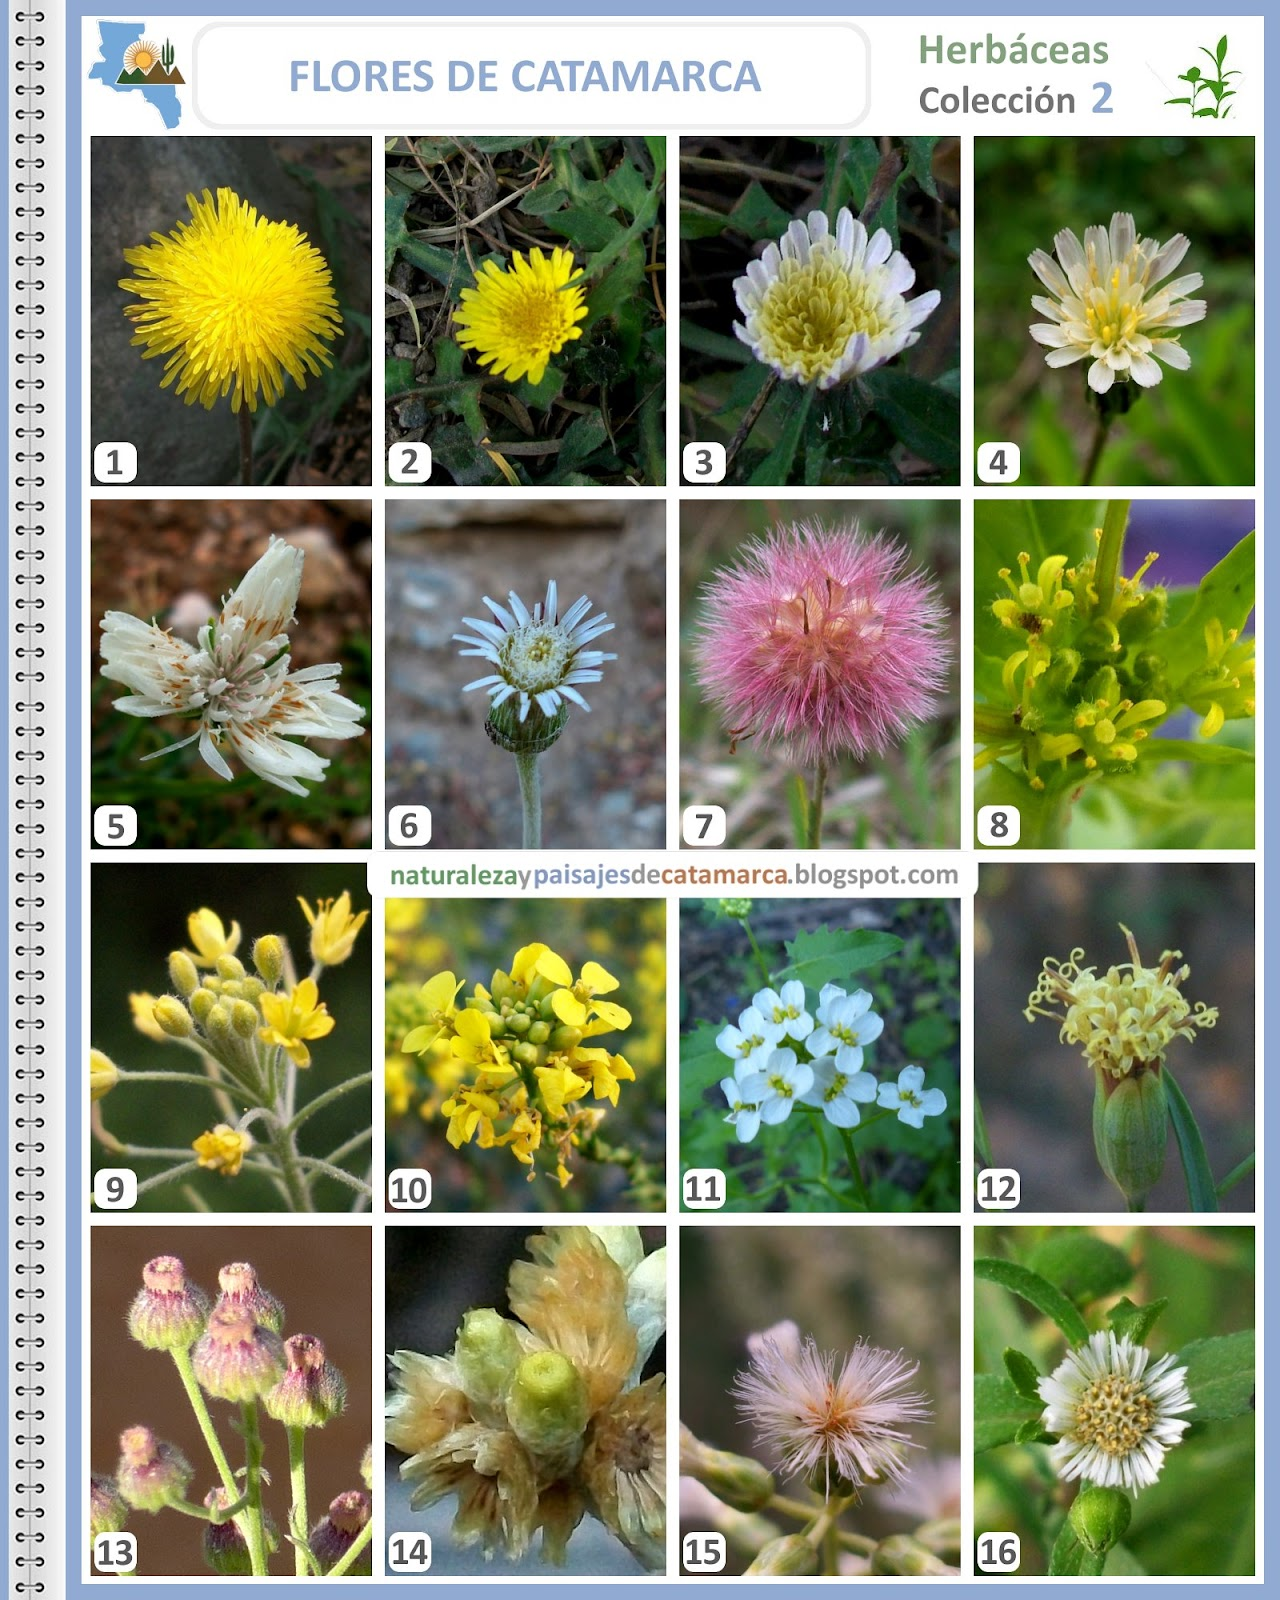 Naturaleza y paisajes de catamarca flores silvestres de for 20 plantas ornamentales